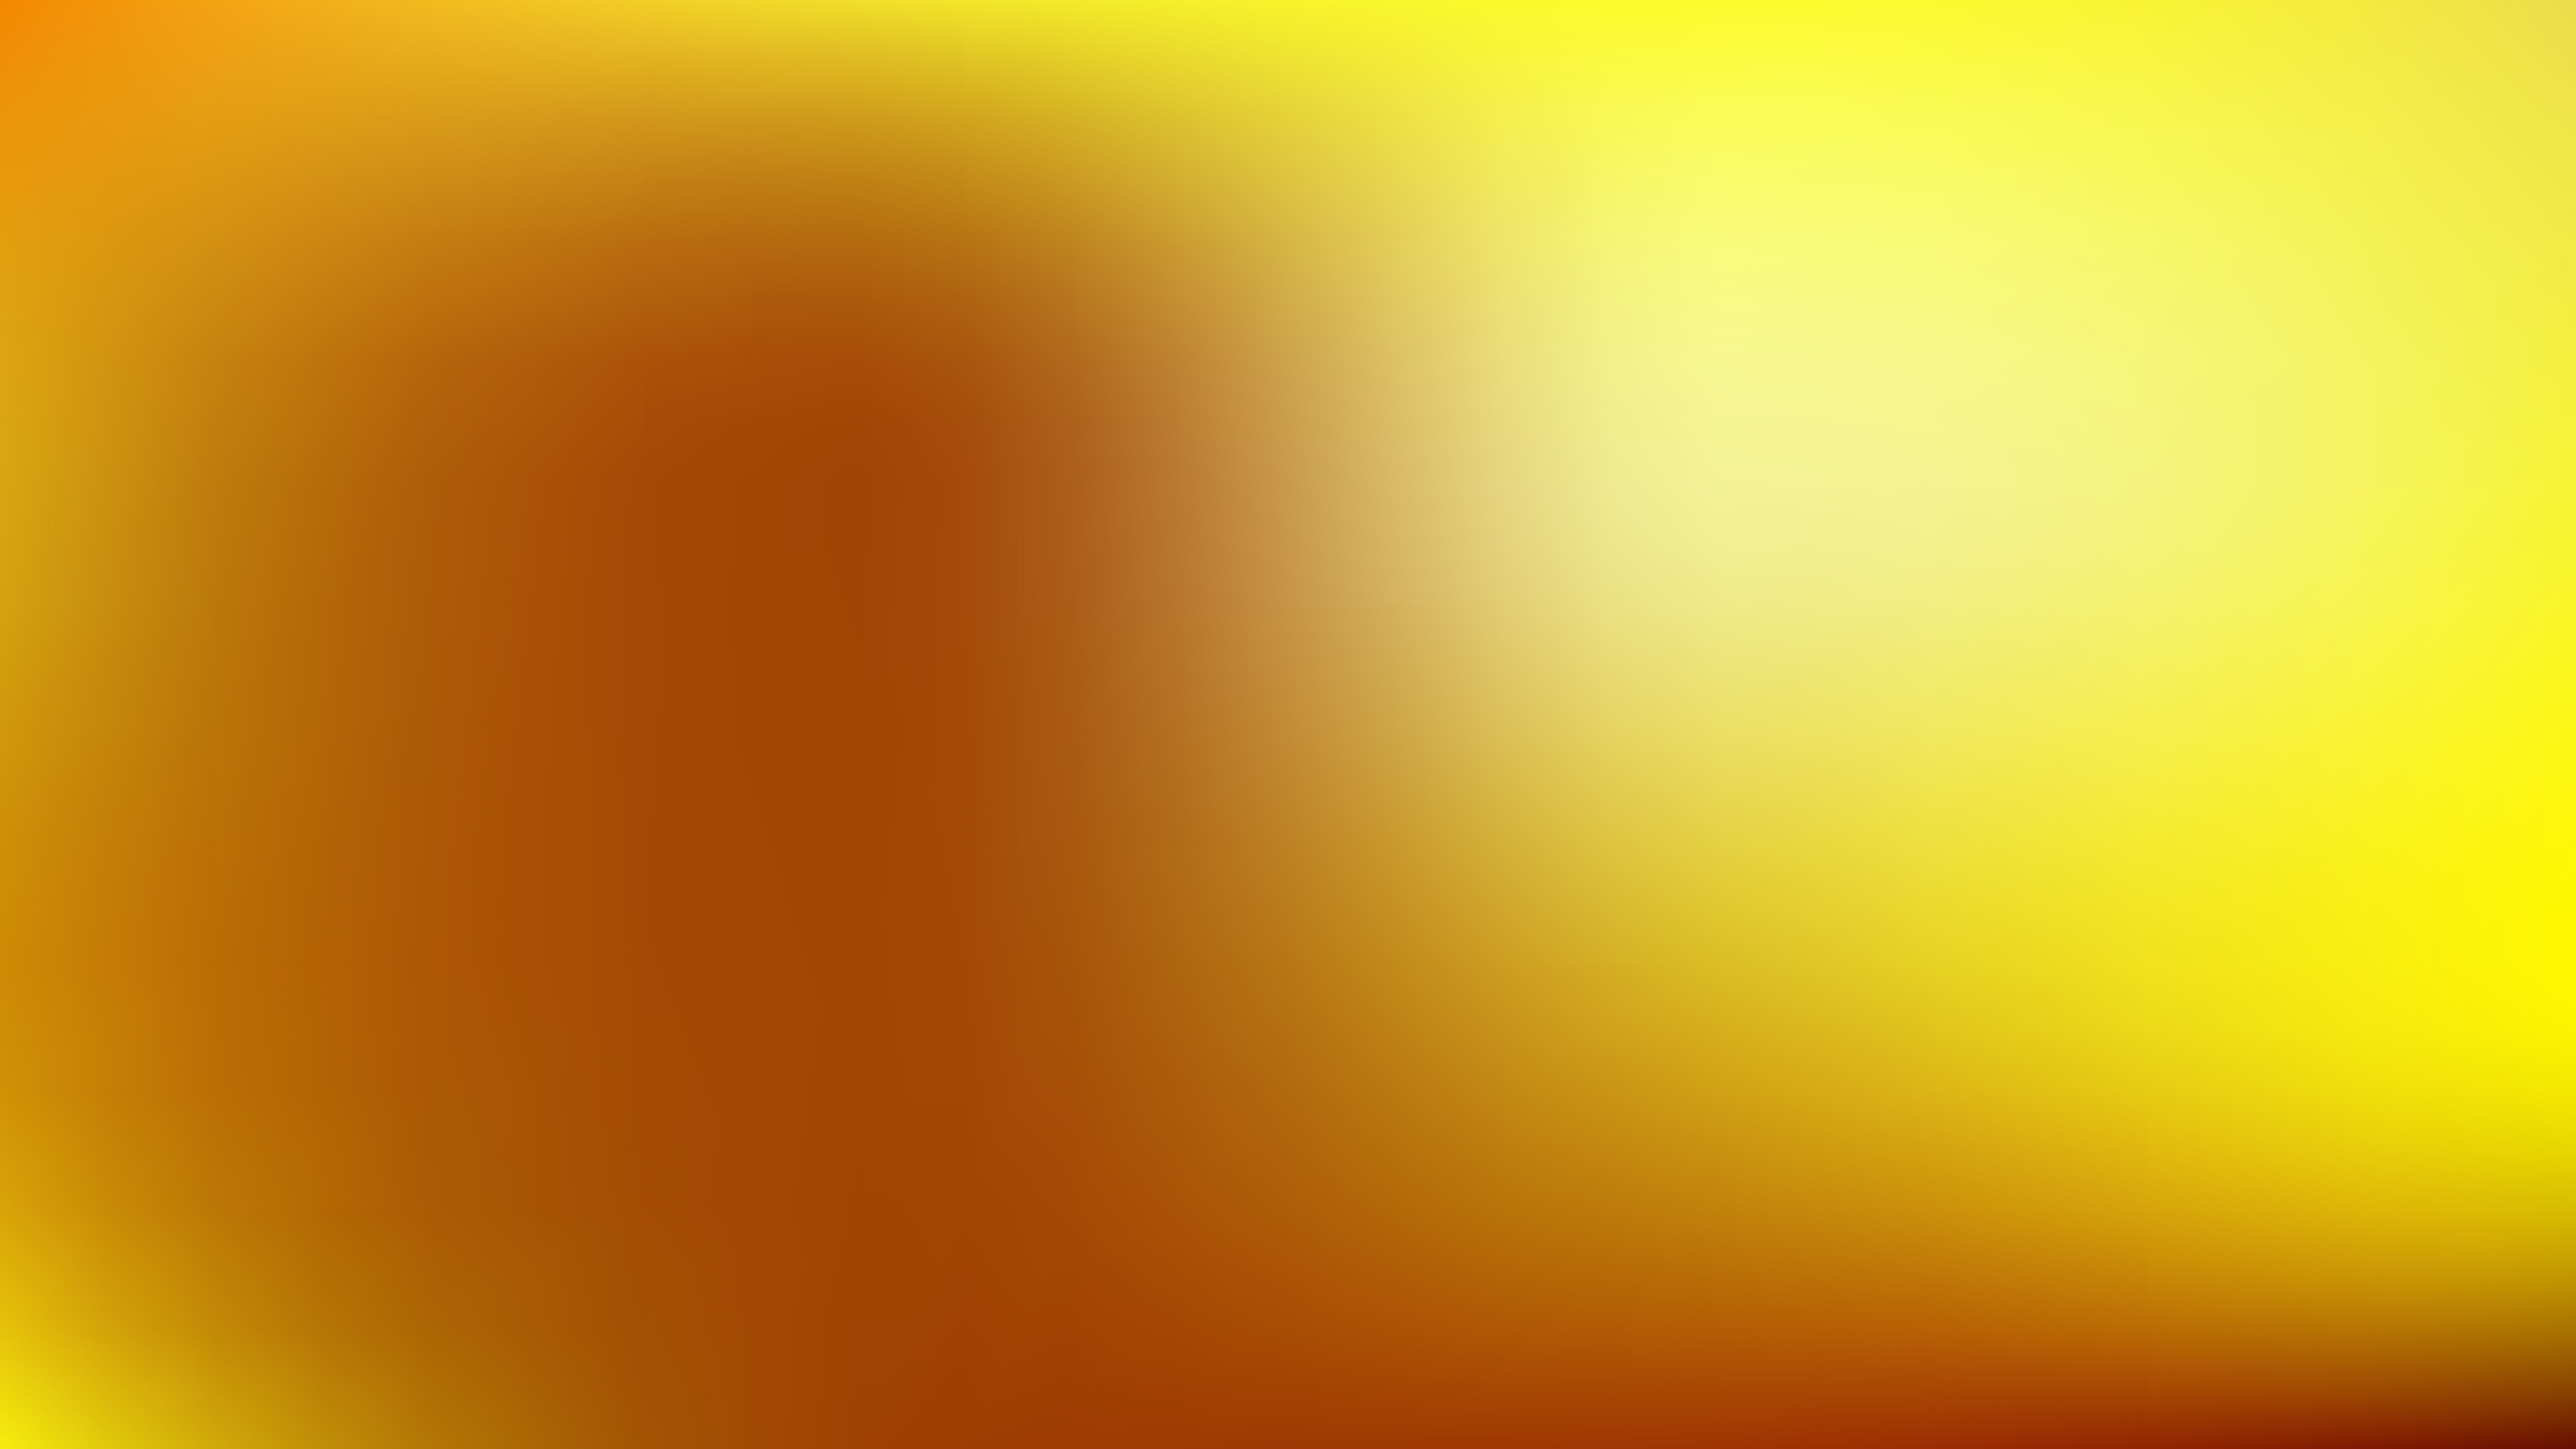 Unduh Kumpulan Background Ppt Yellow HD Gratis